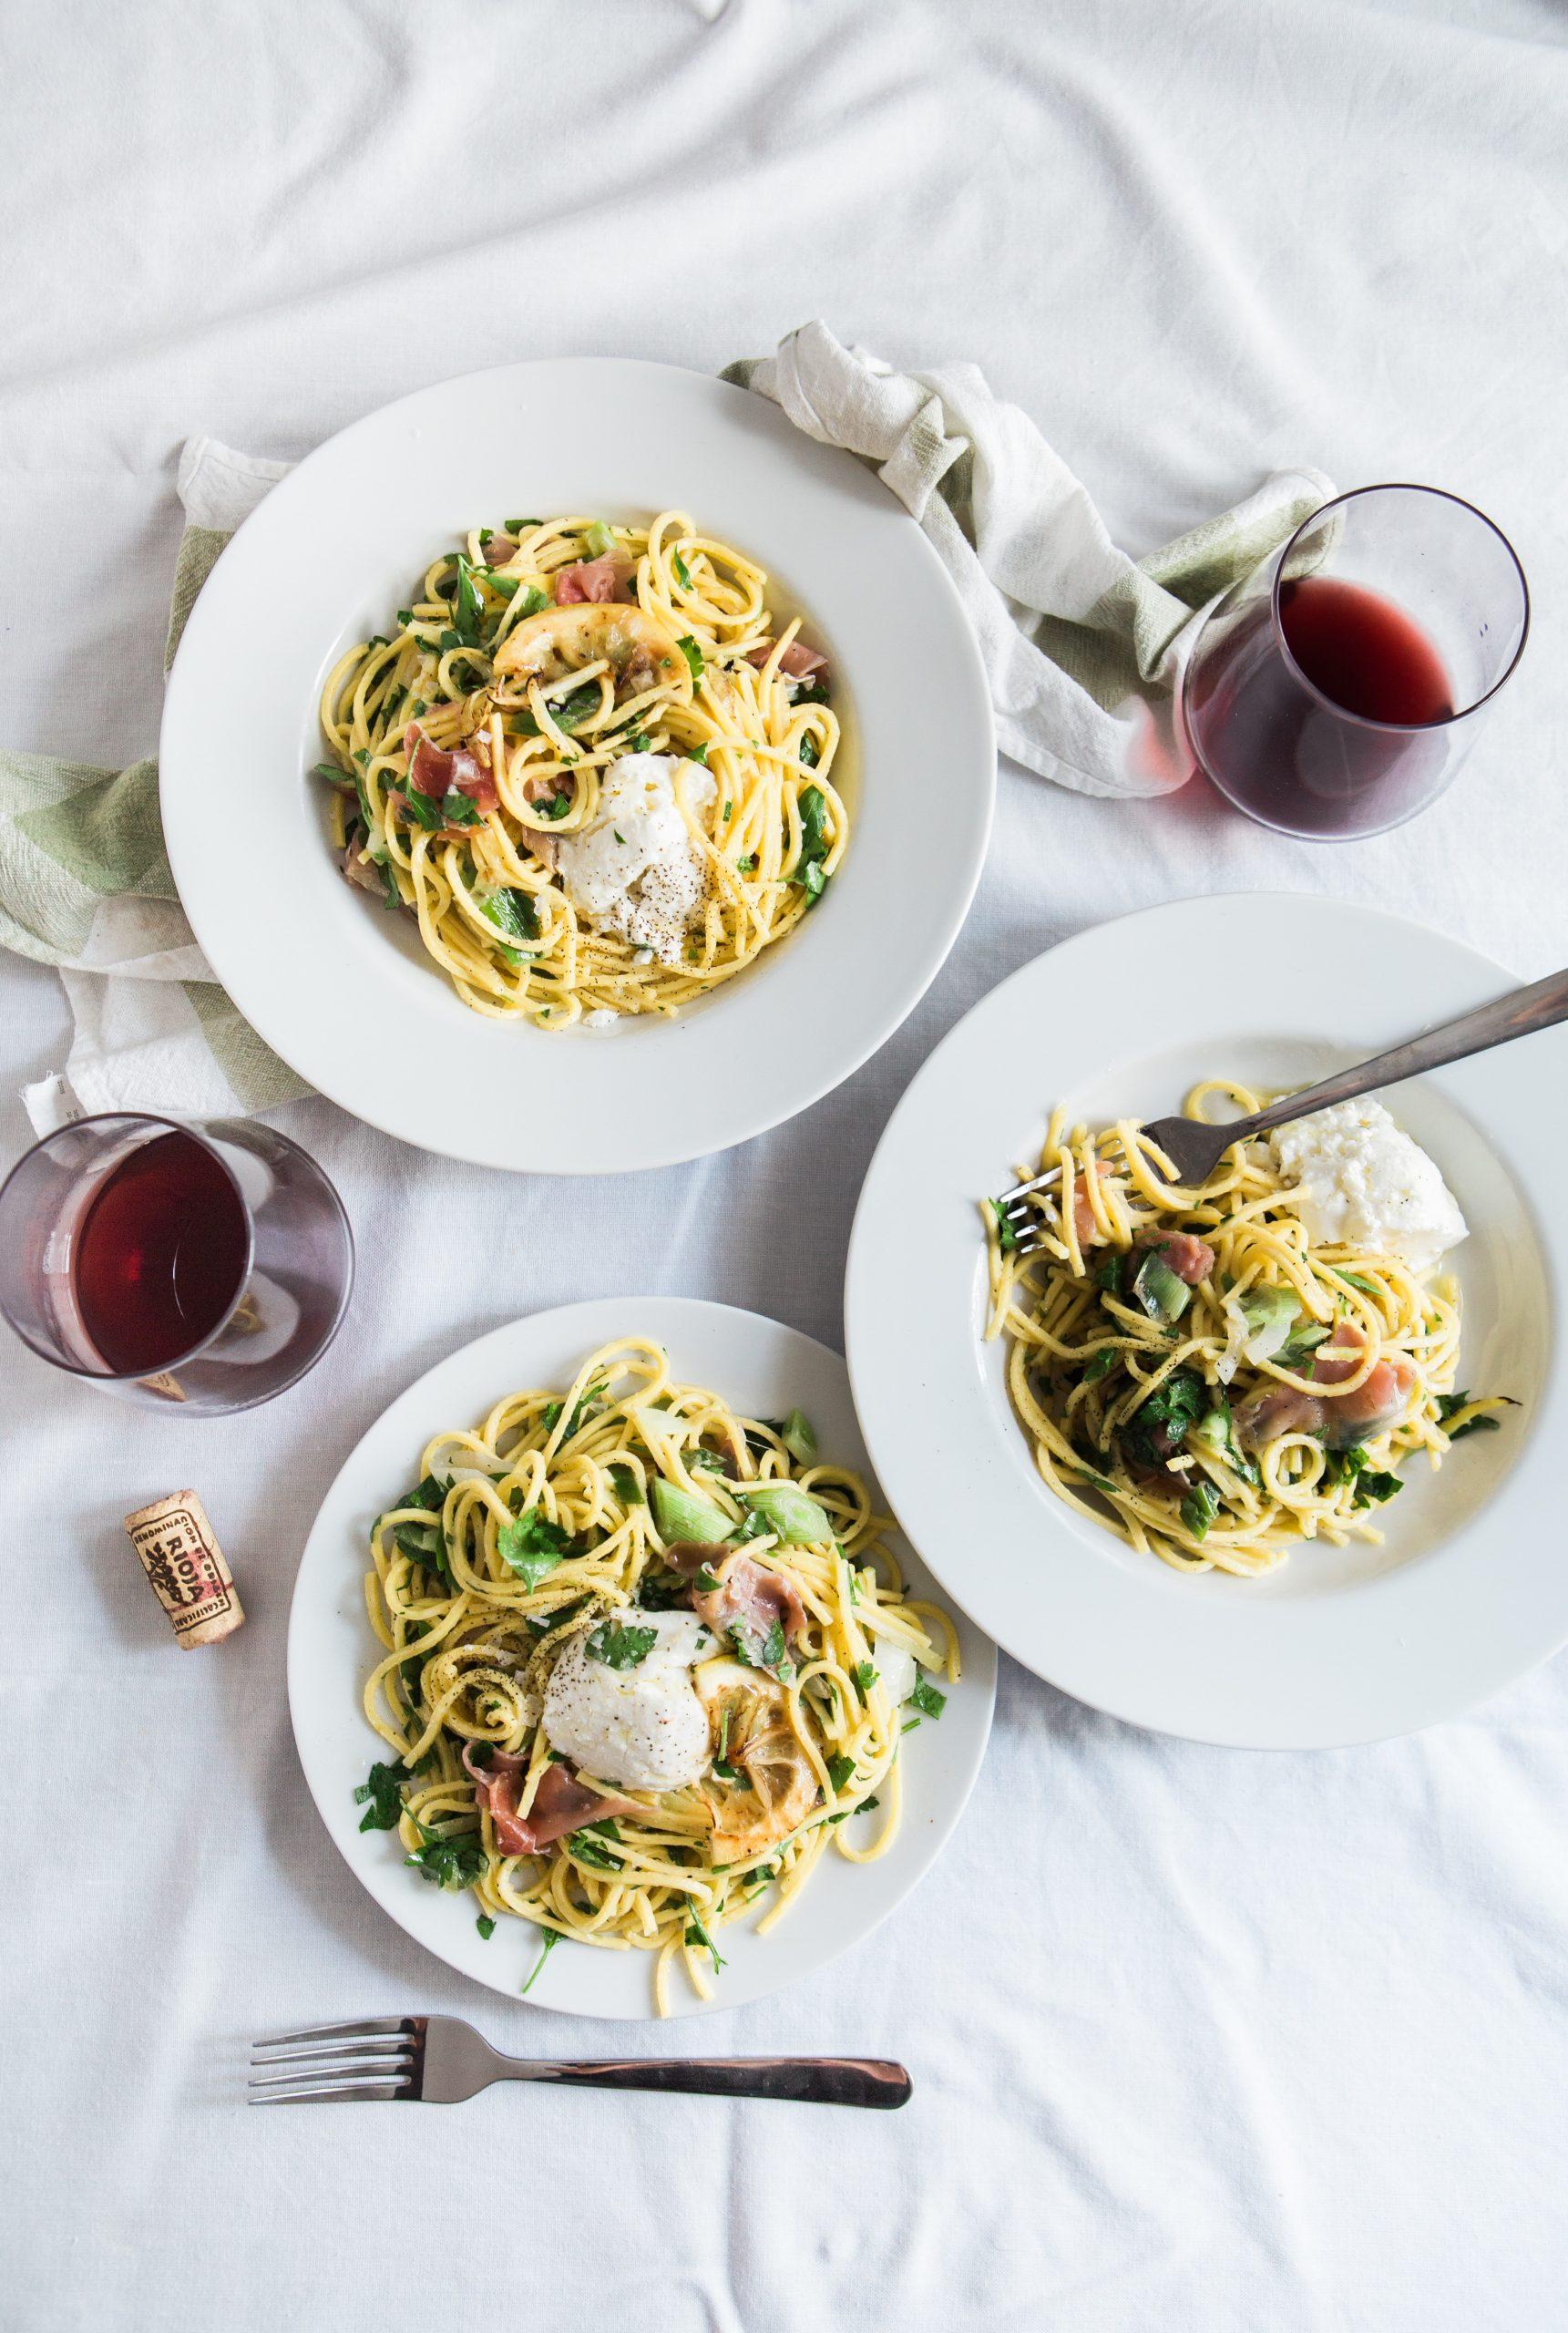 『午餐/晚餐篇』減肥外食該怎麼選擇?